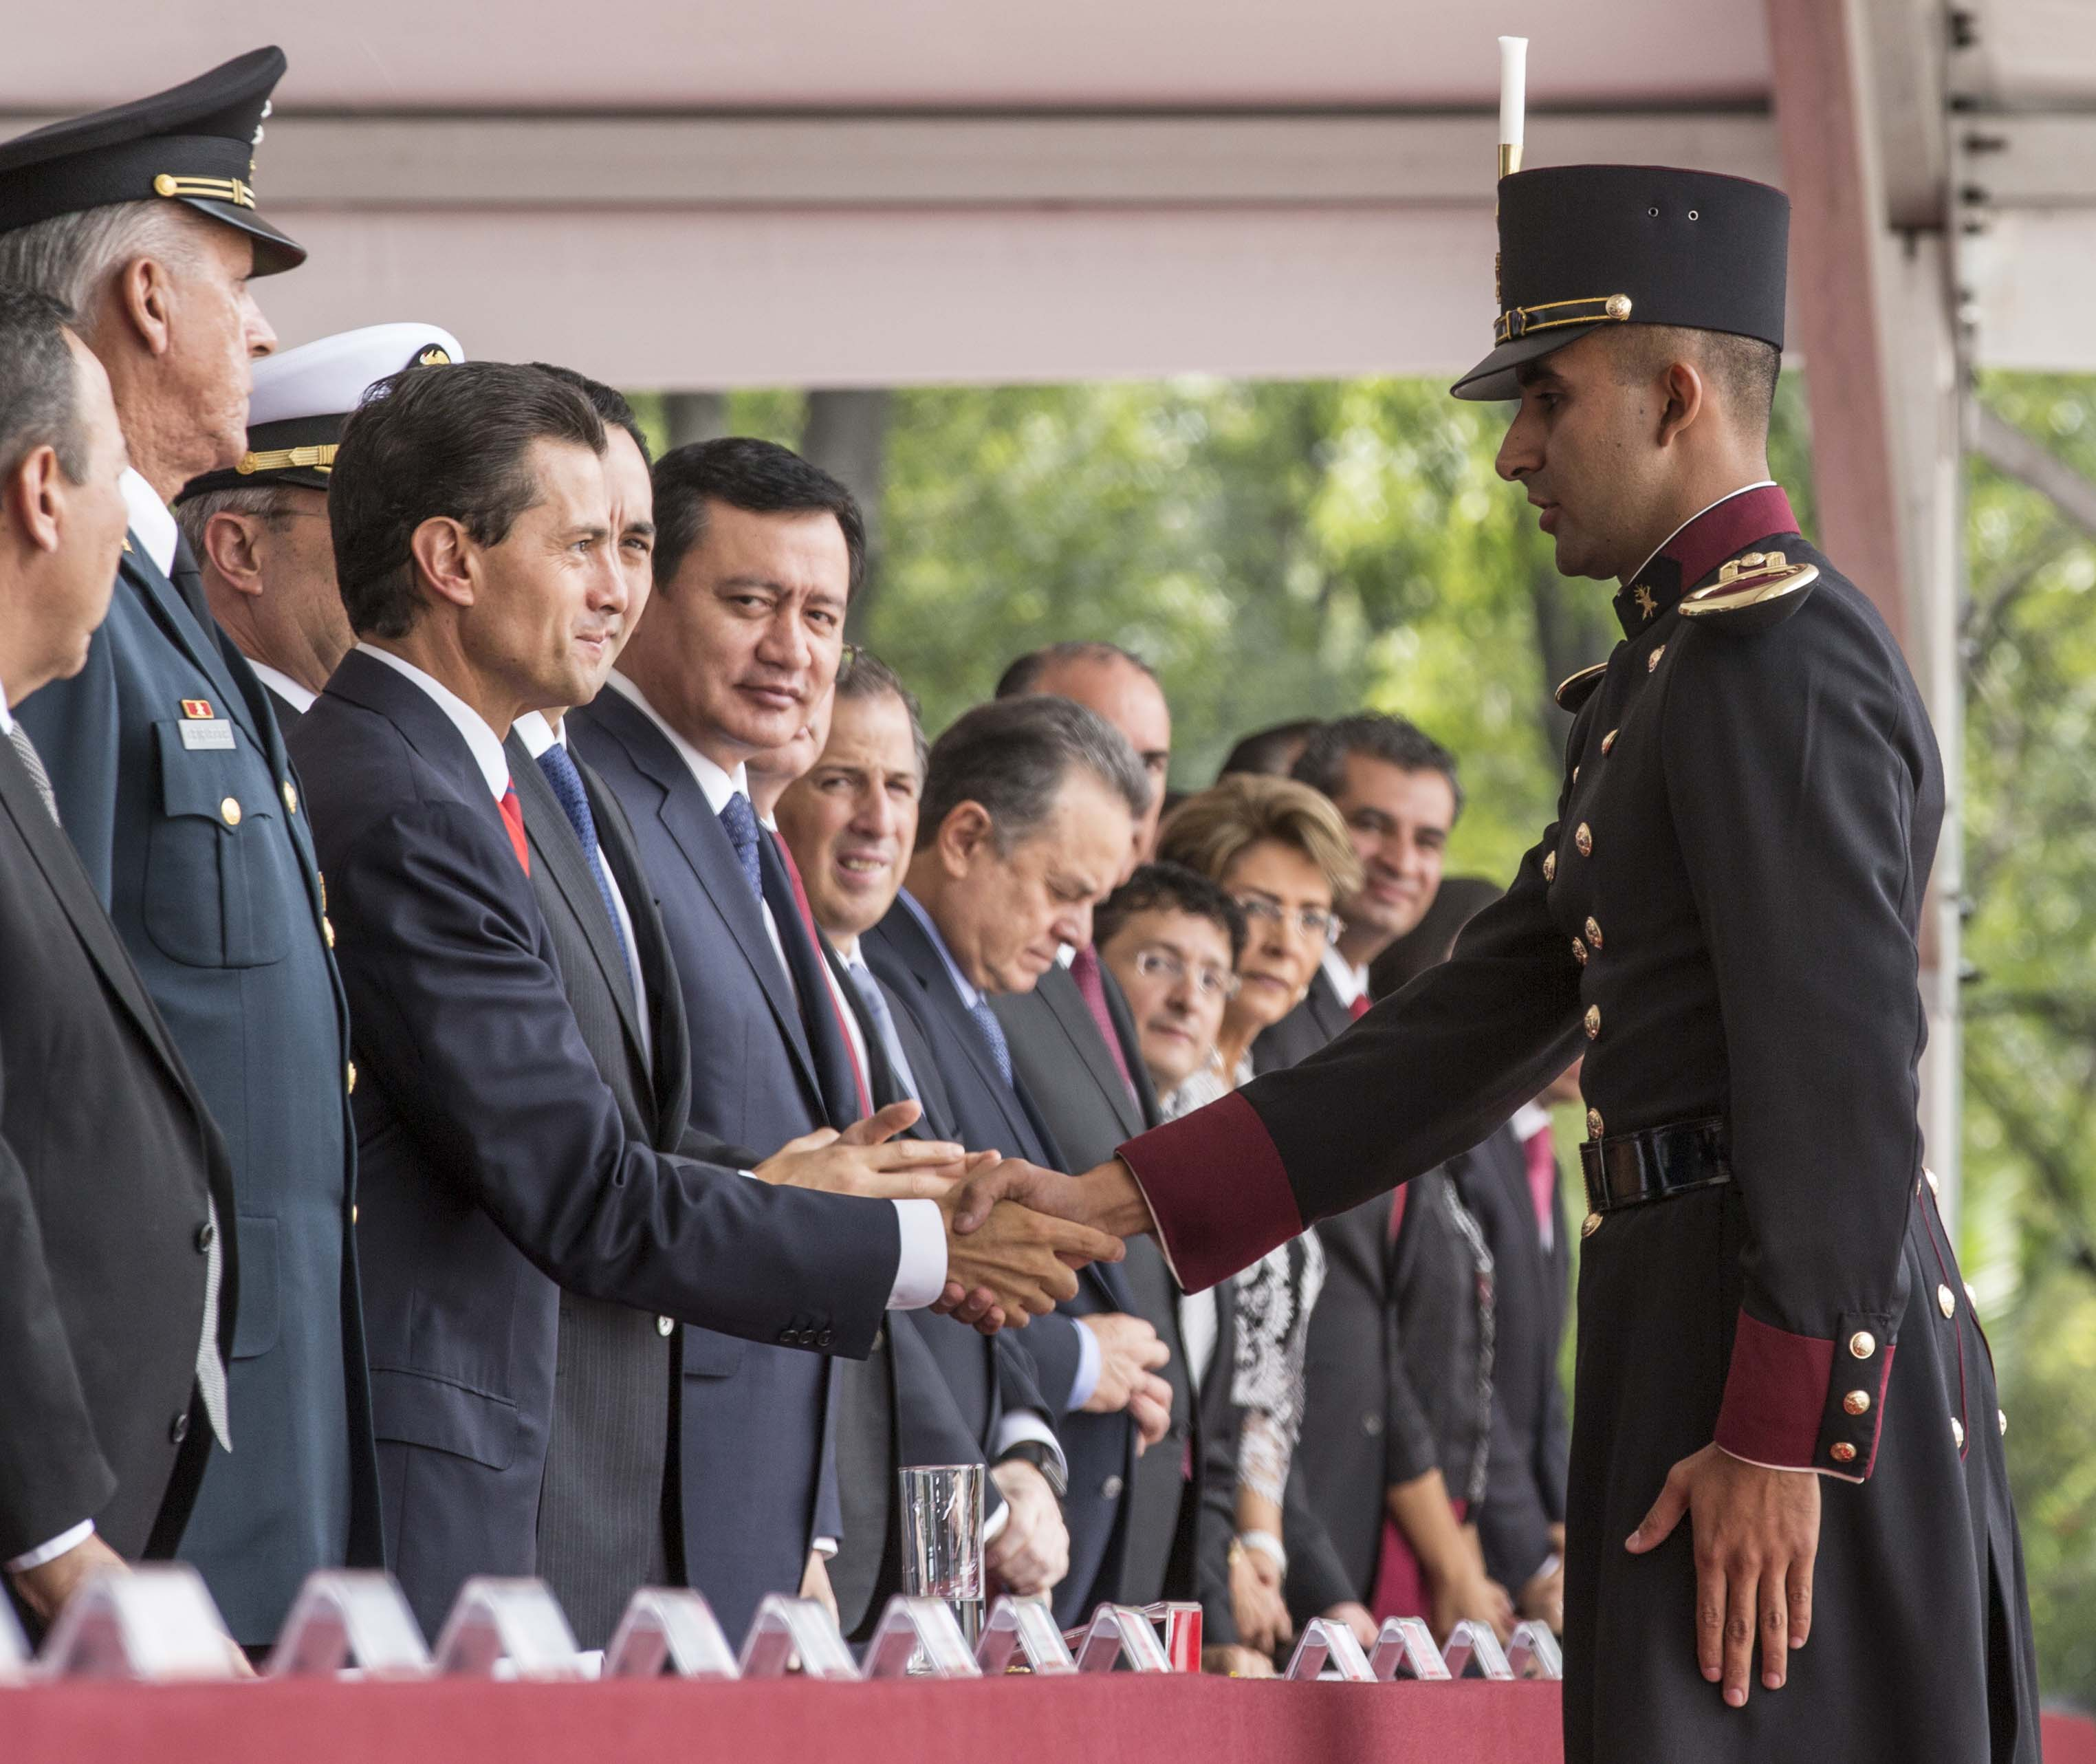 El Presidente de la República, Enrique Peña Nieto, encabezó hoy la ceremonia conmemorativa del 168 Aniversario de la Gesta Heroica de los Niños Héroes de Chapultepec.